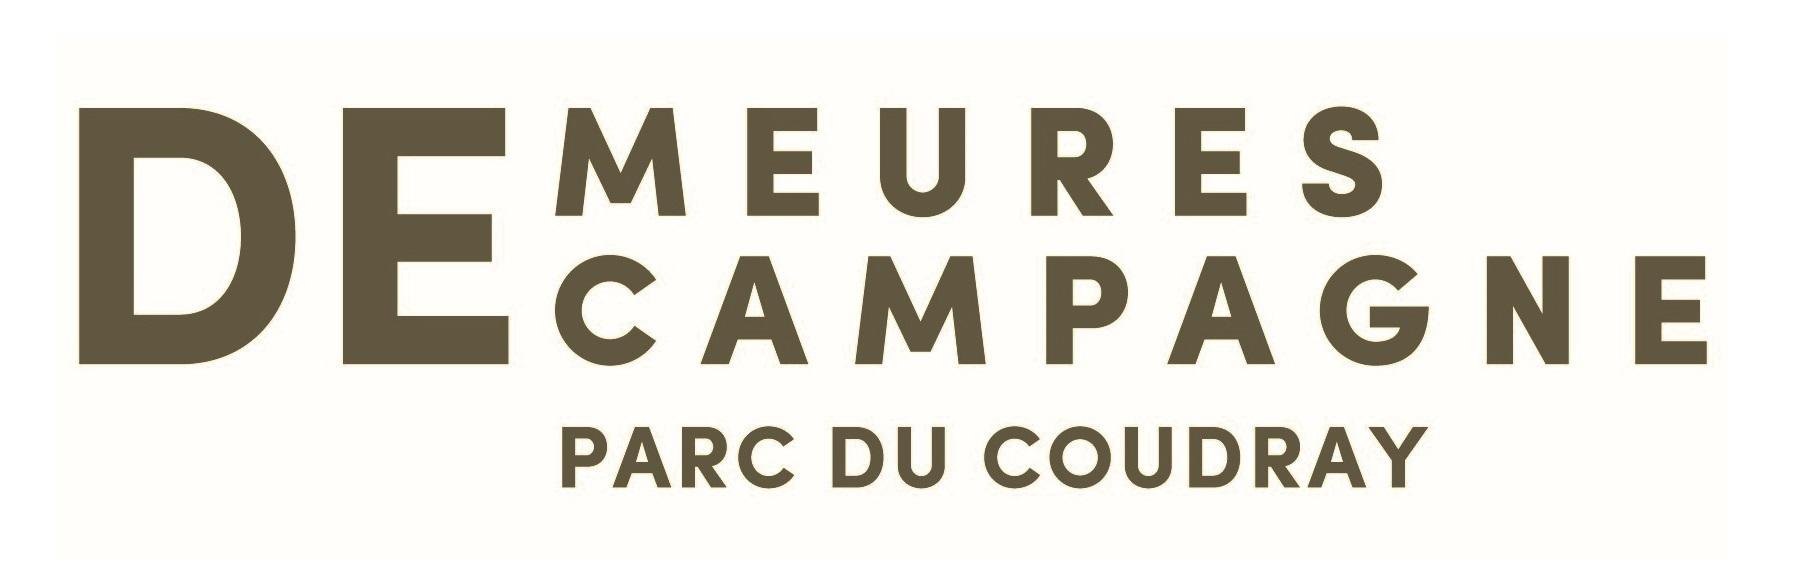 Logo Restaurant Demeure de Campagne Parc du Coudray